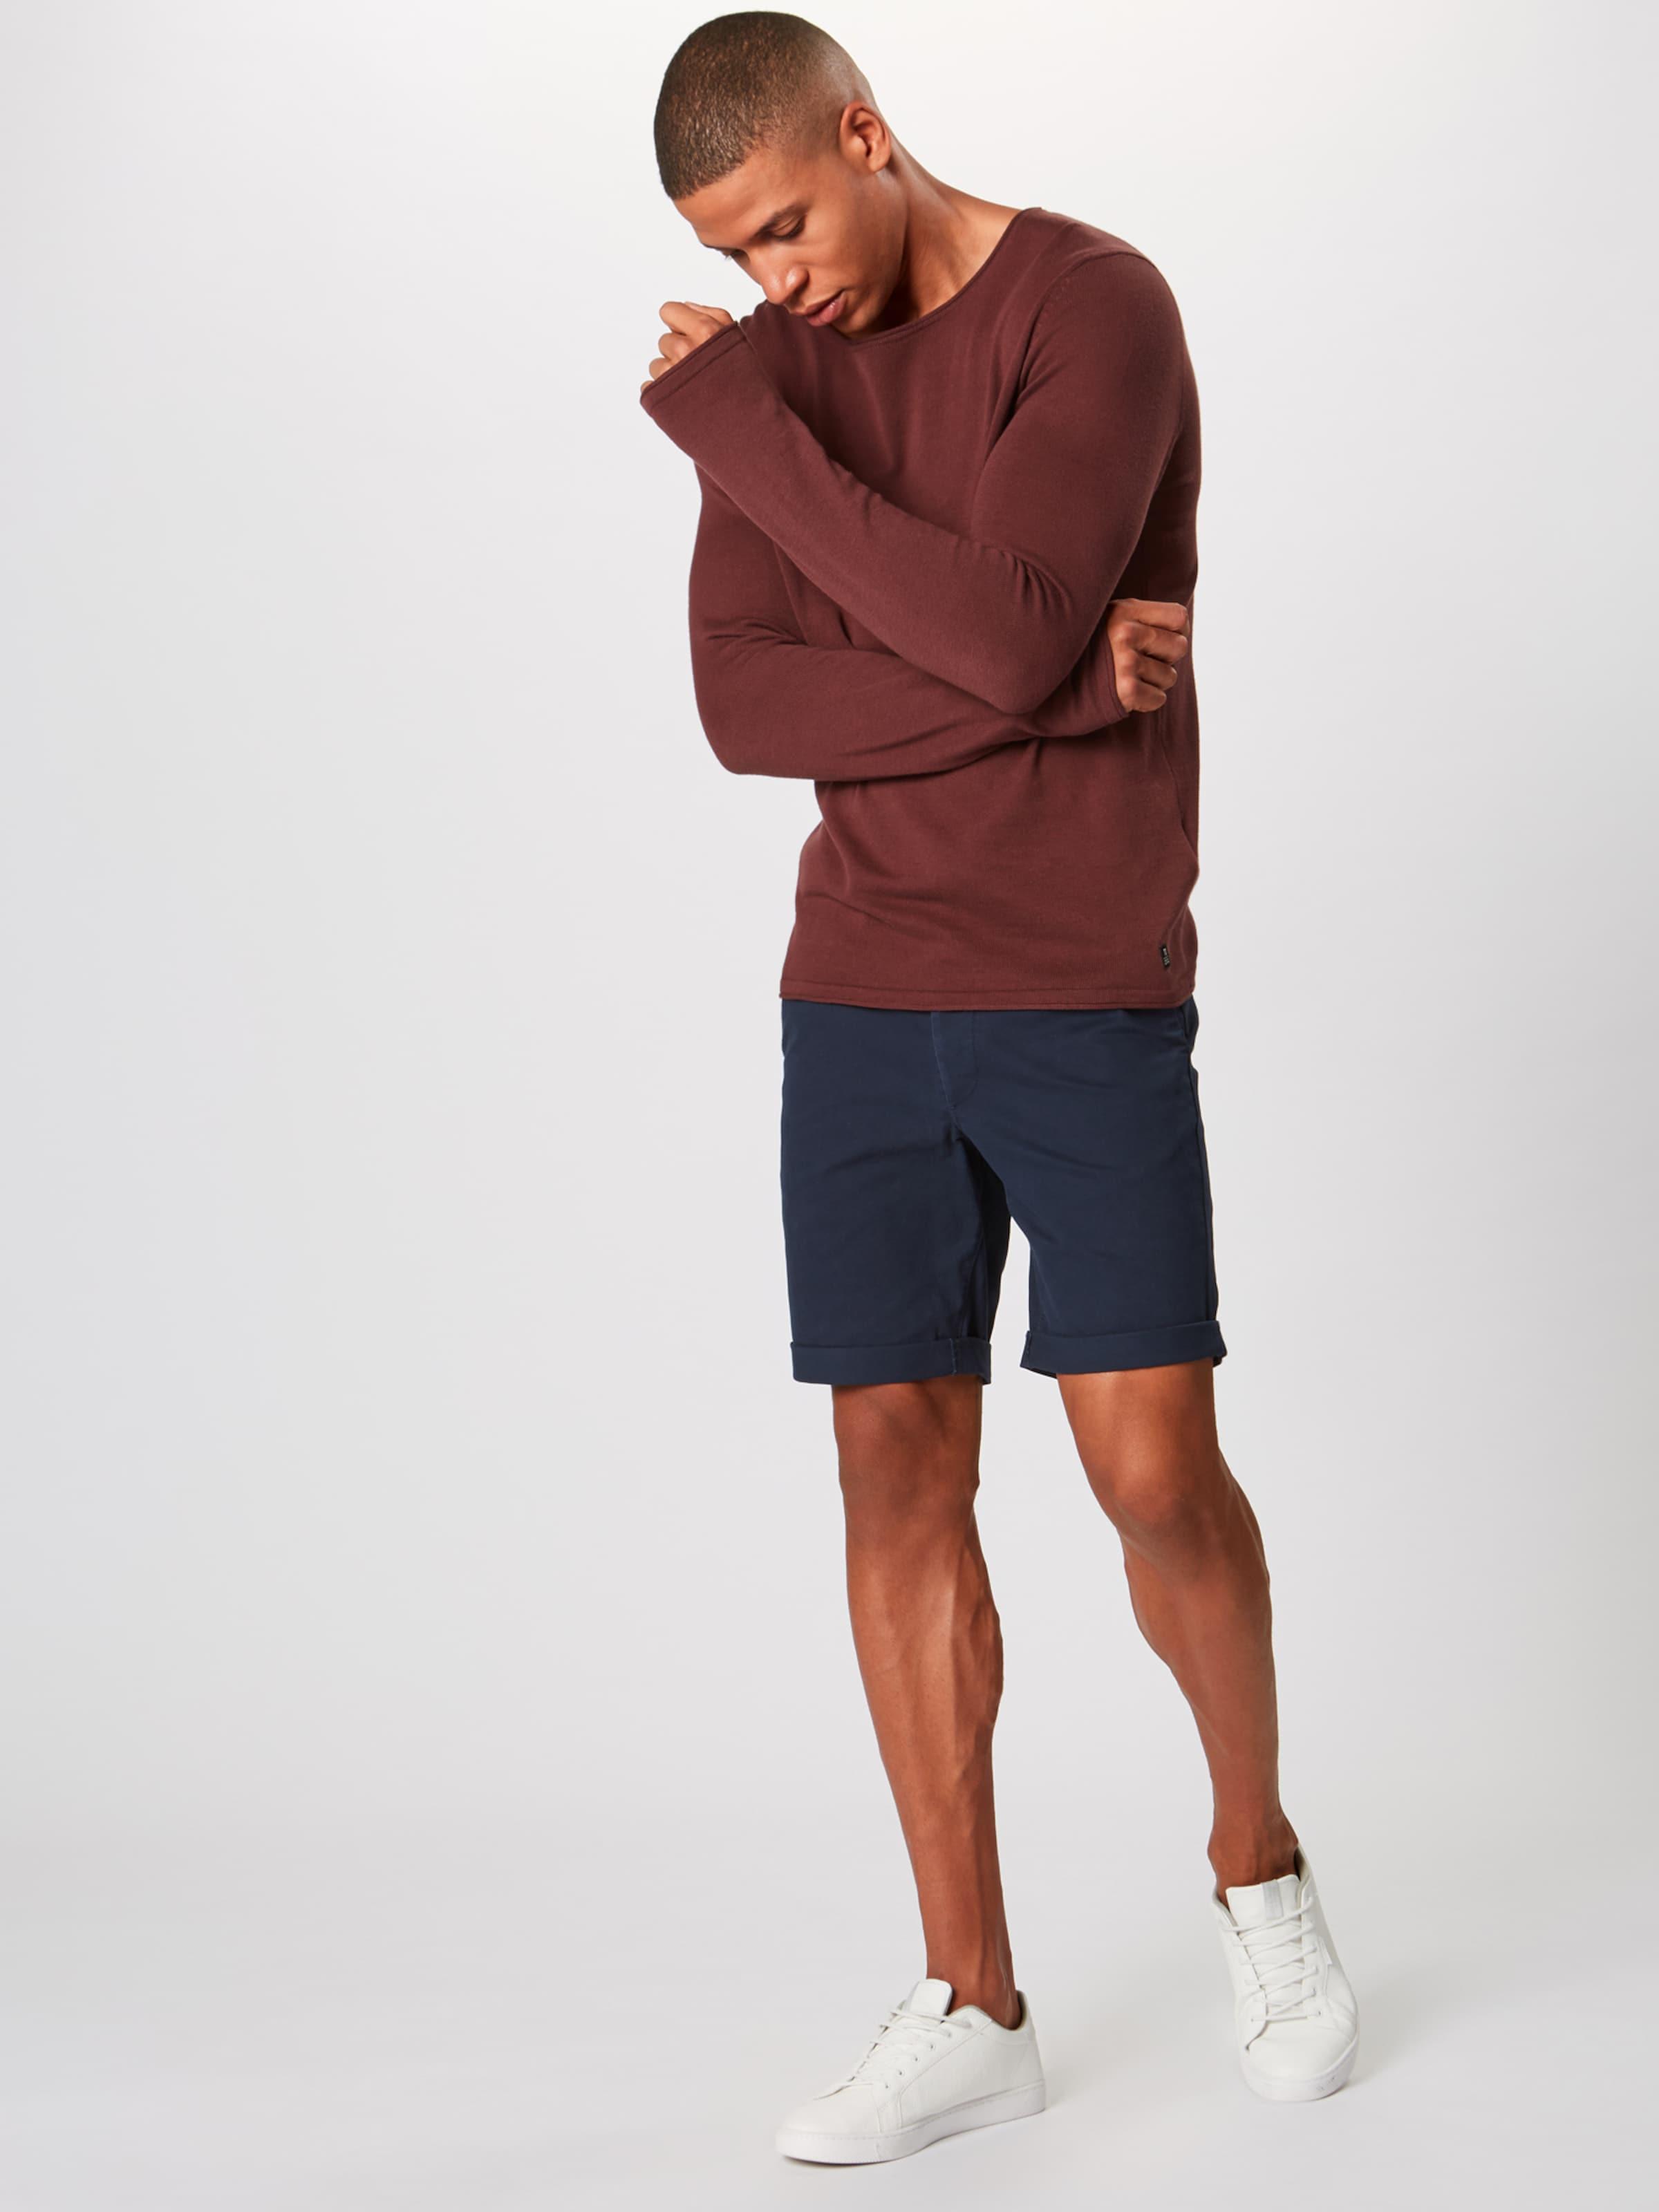 Jones Jackamp; Pantalon En Foncé 'enzo' Bleu Chino dBECeWQrxo